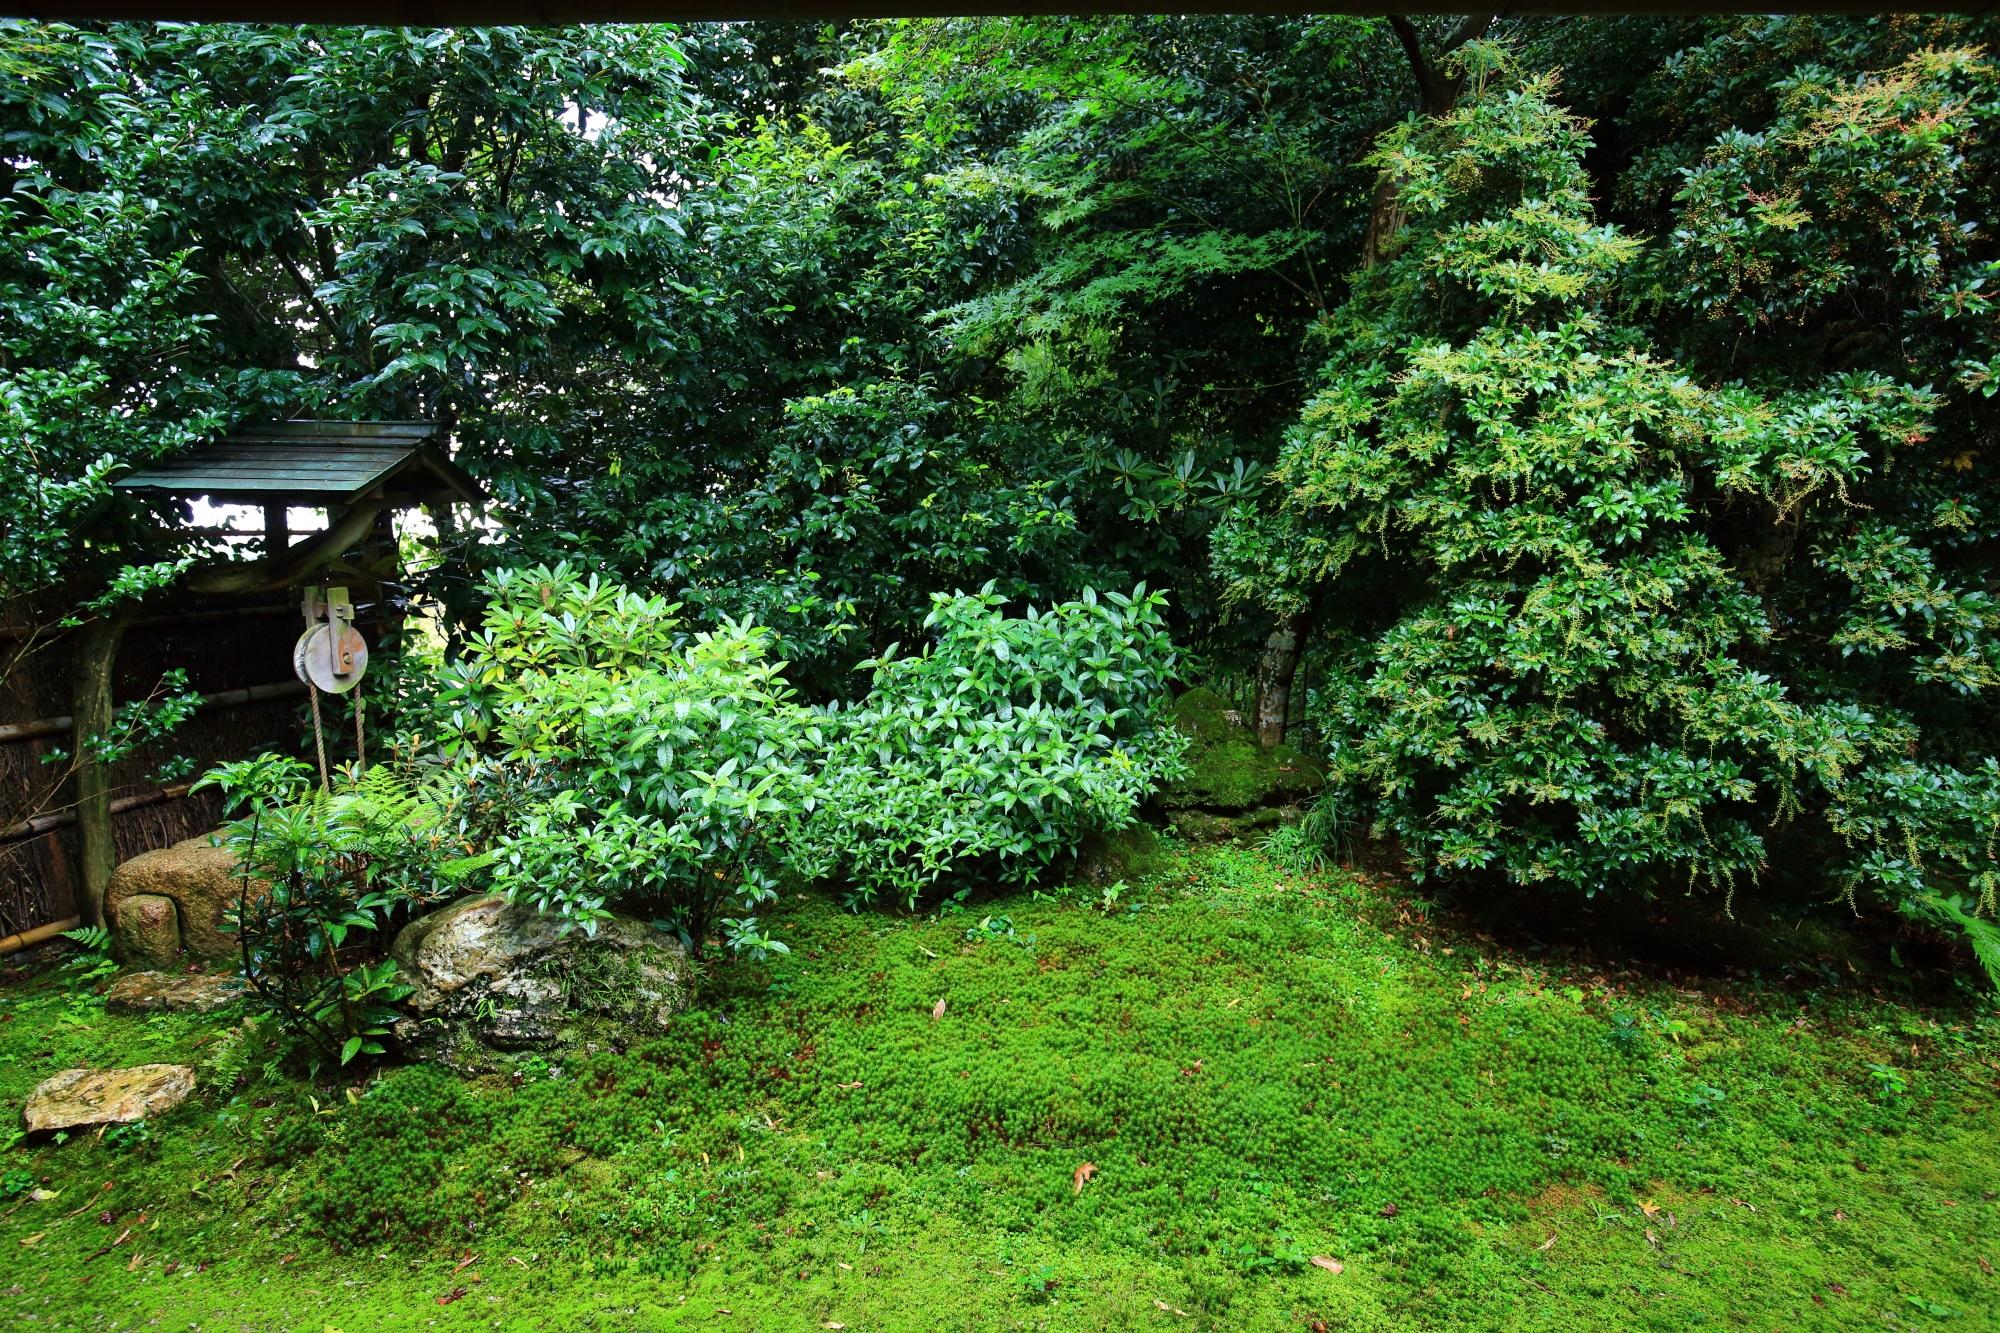 直指庵の本堂中庭